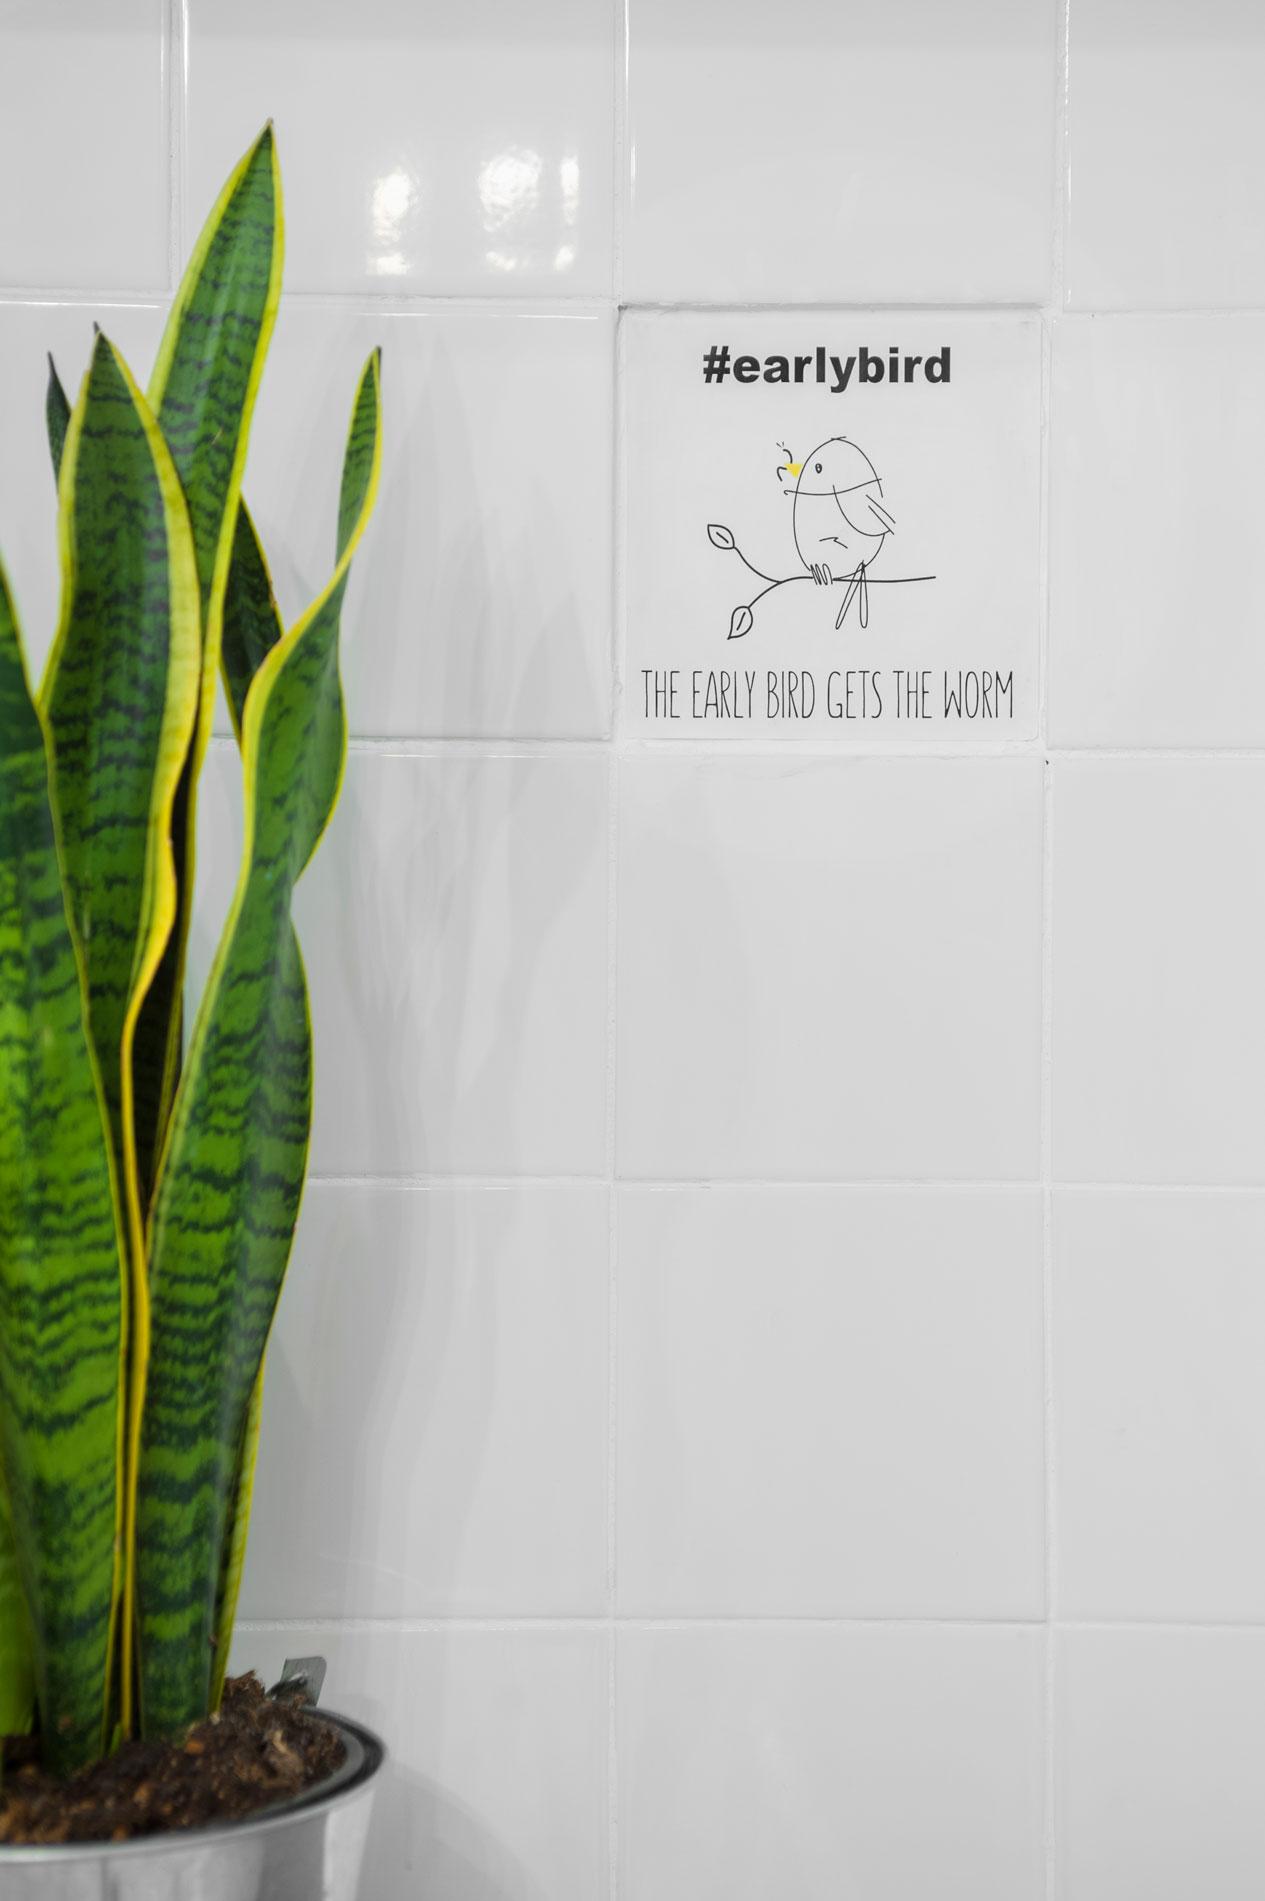 Earlybird 1